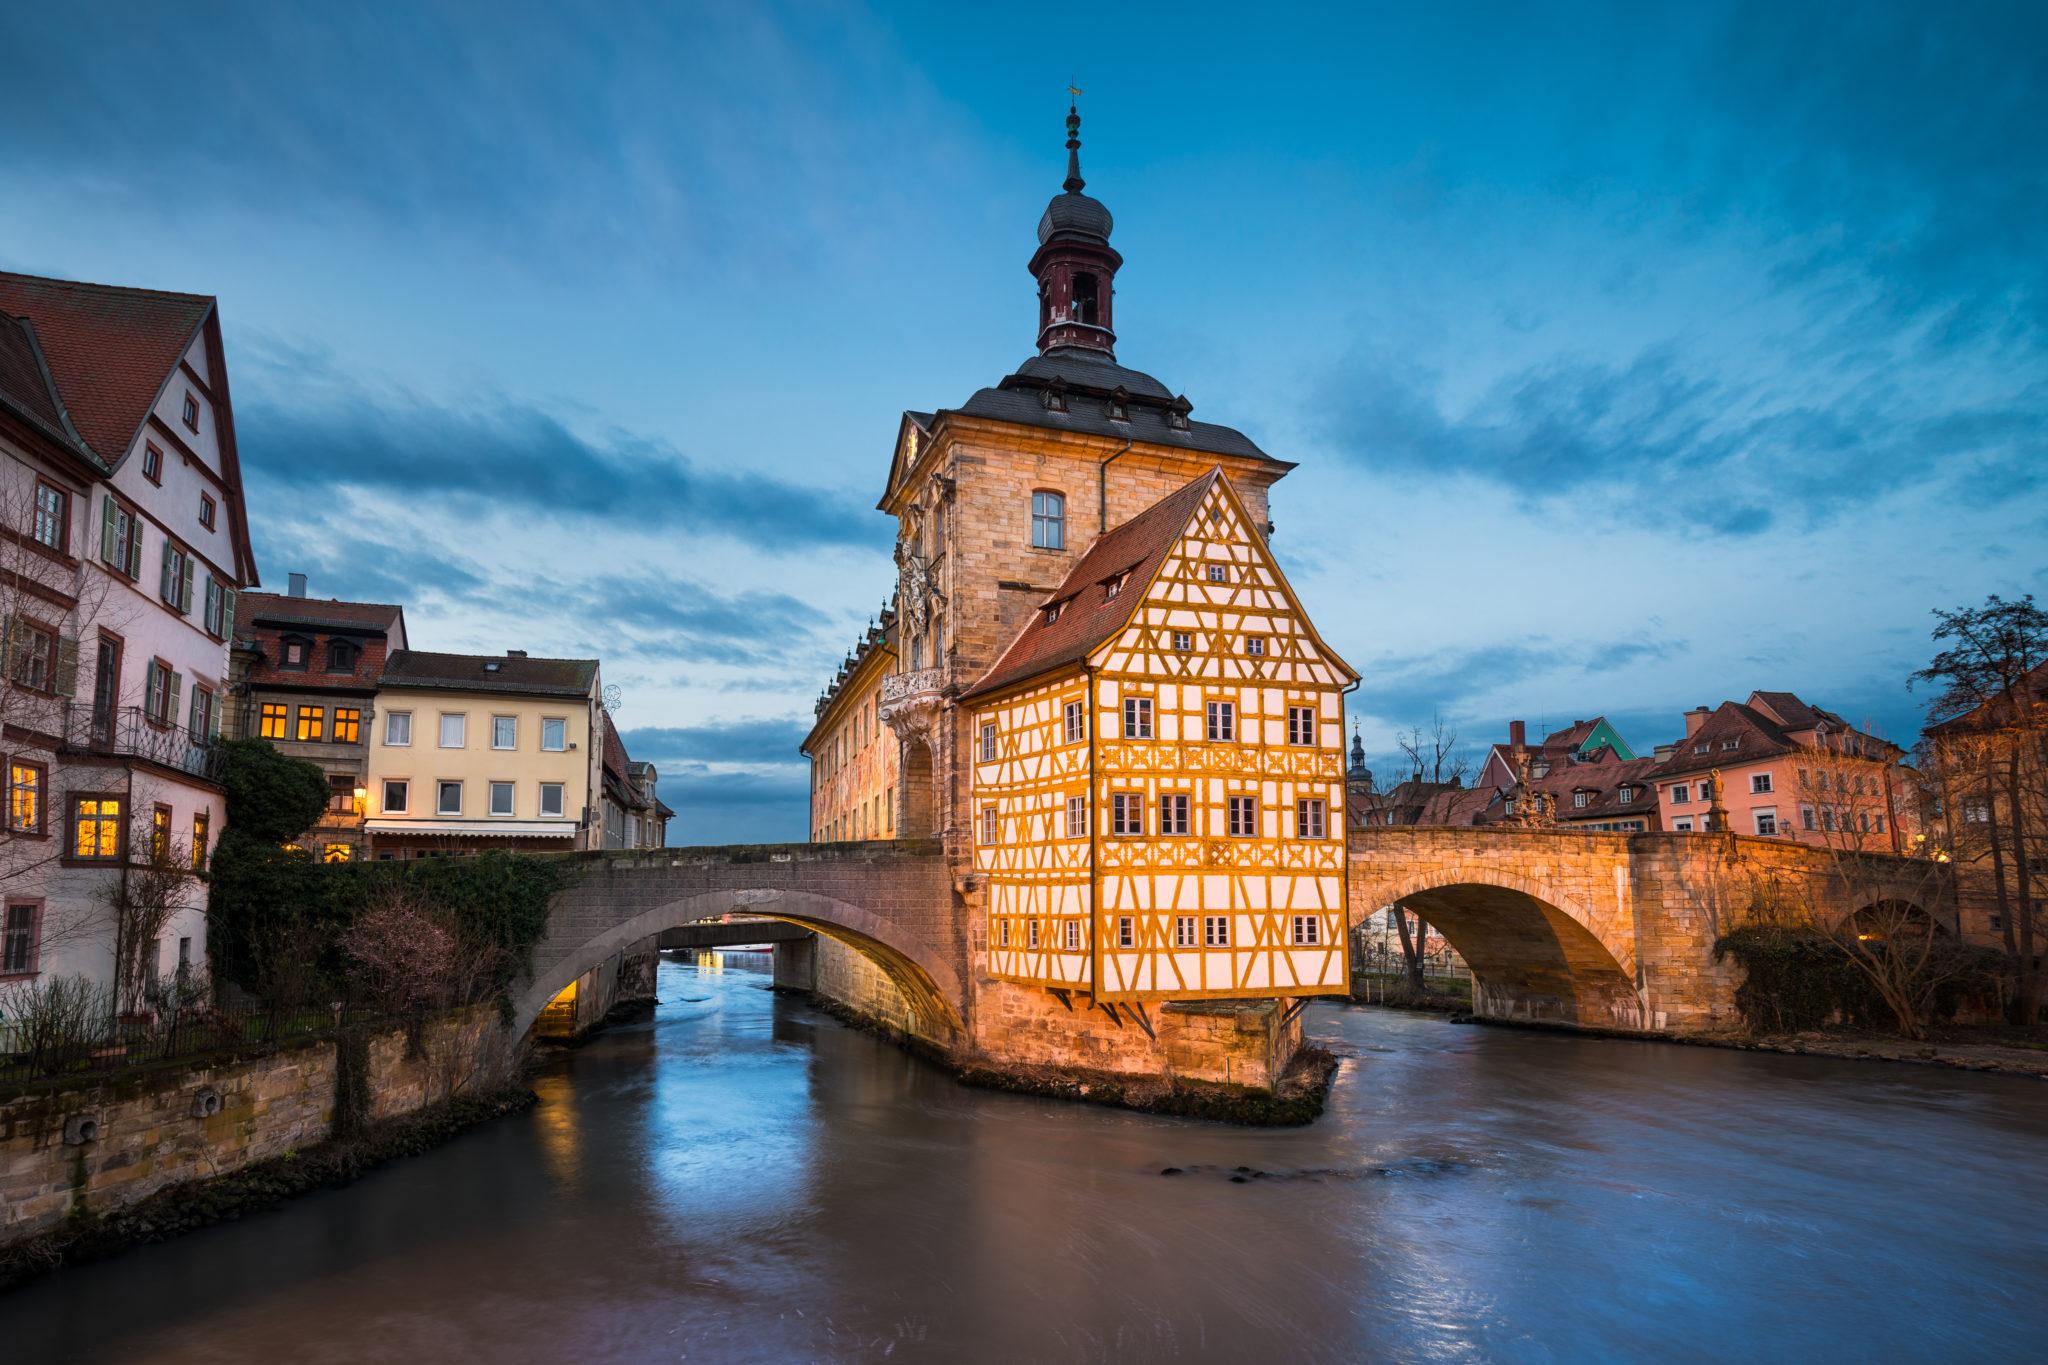 Das alte Rathaus von Bamberg